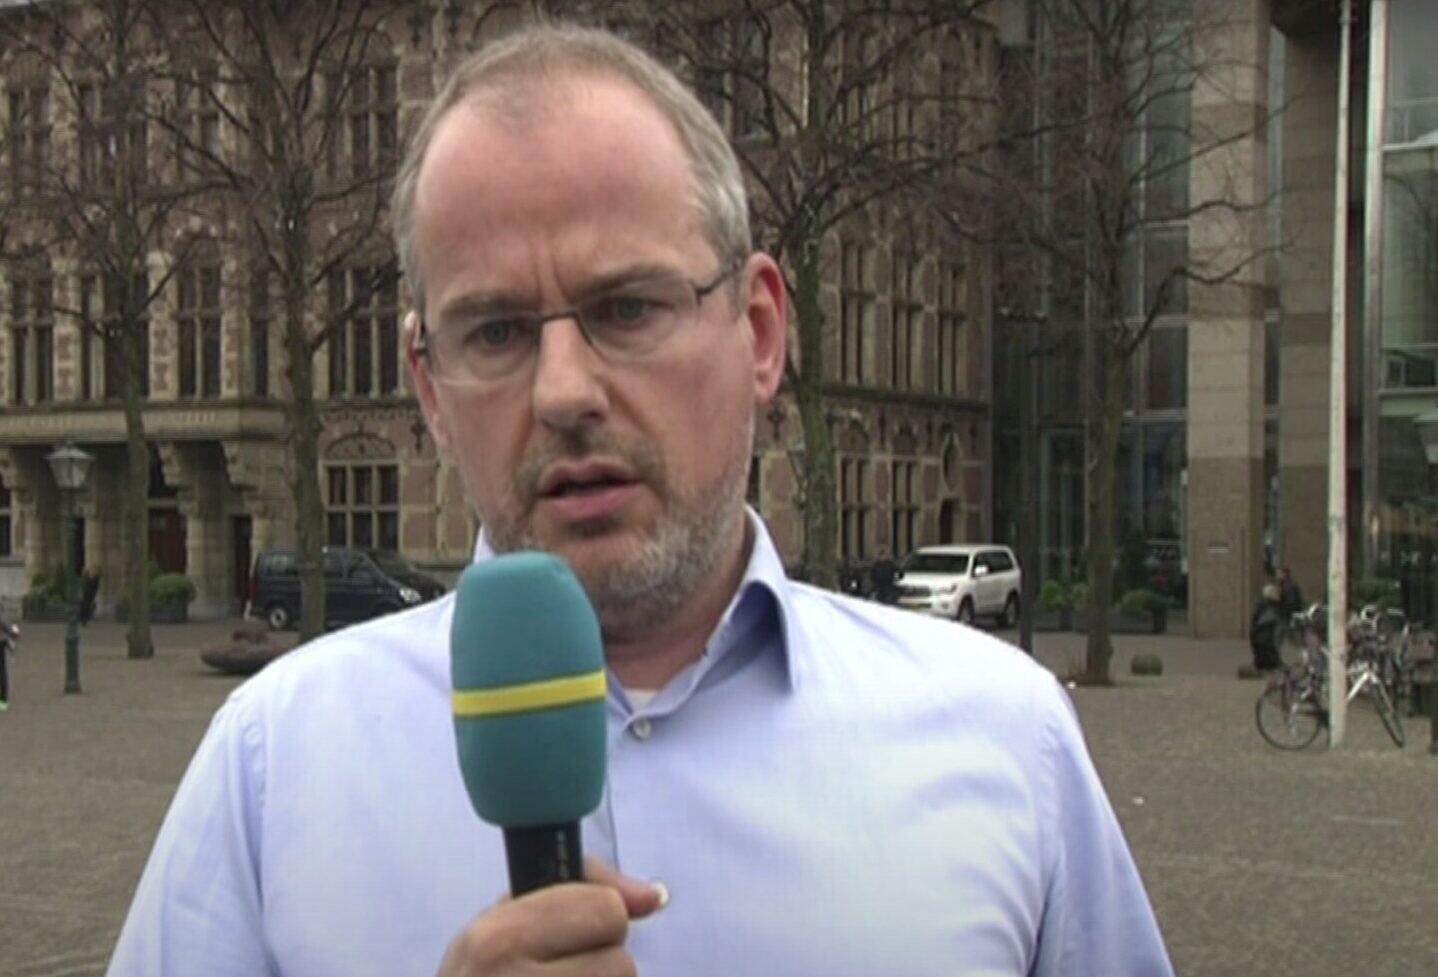 Screen capture from video of Dutch-Muslim politician Arnoud van Doorn. (YouTube)